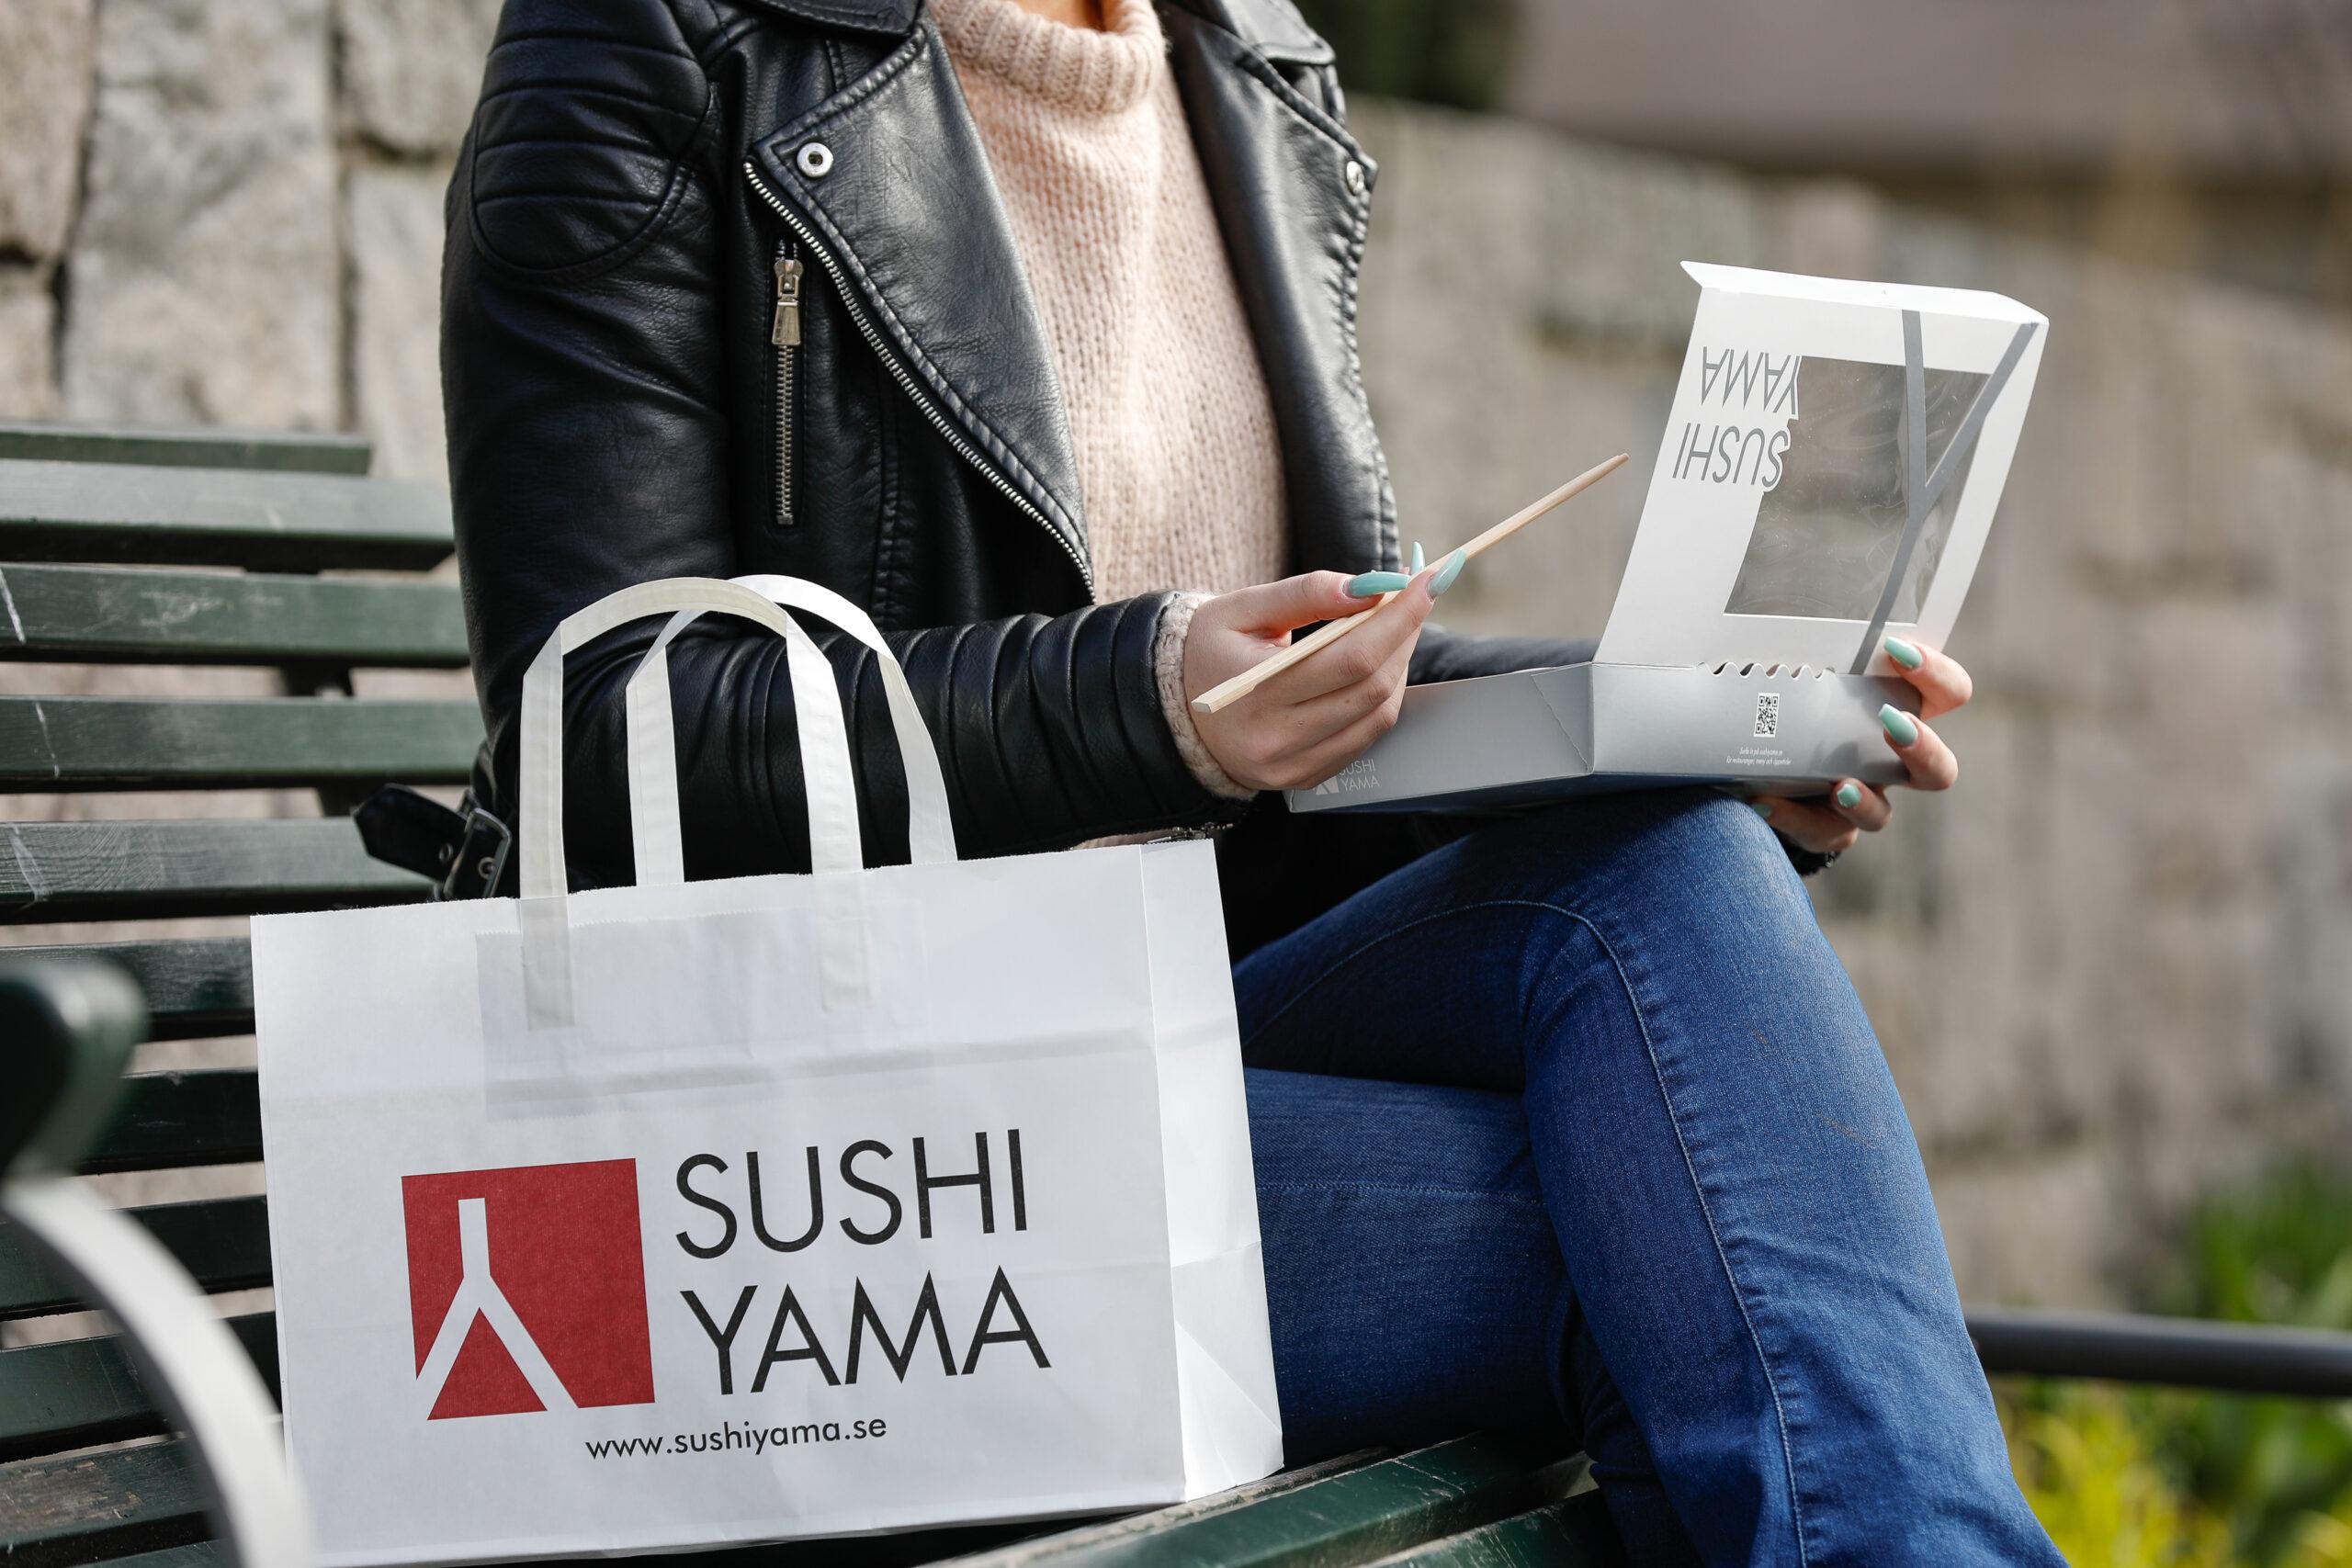 Sushi för både människa och miljö